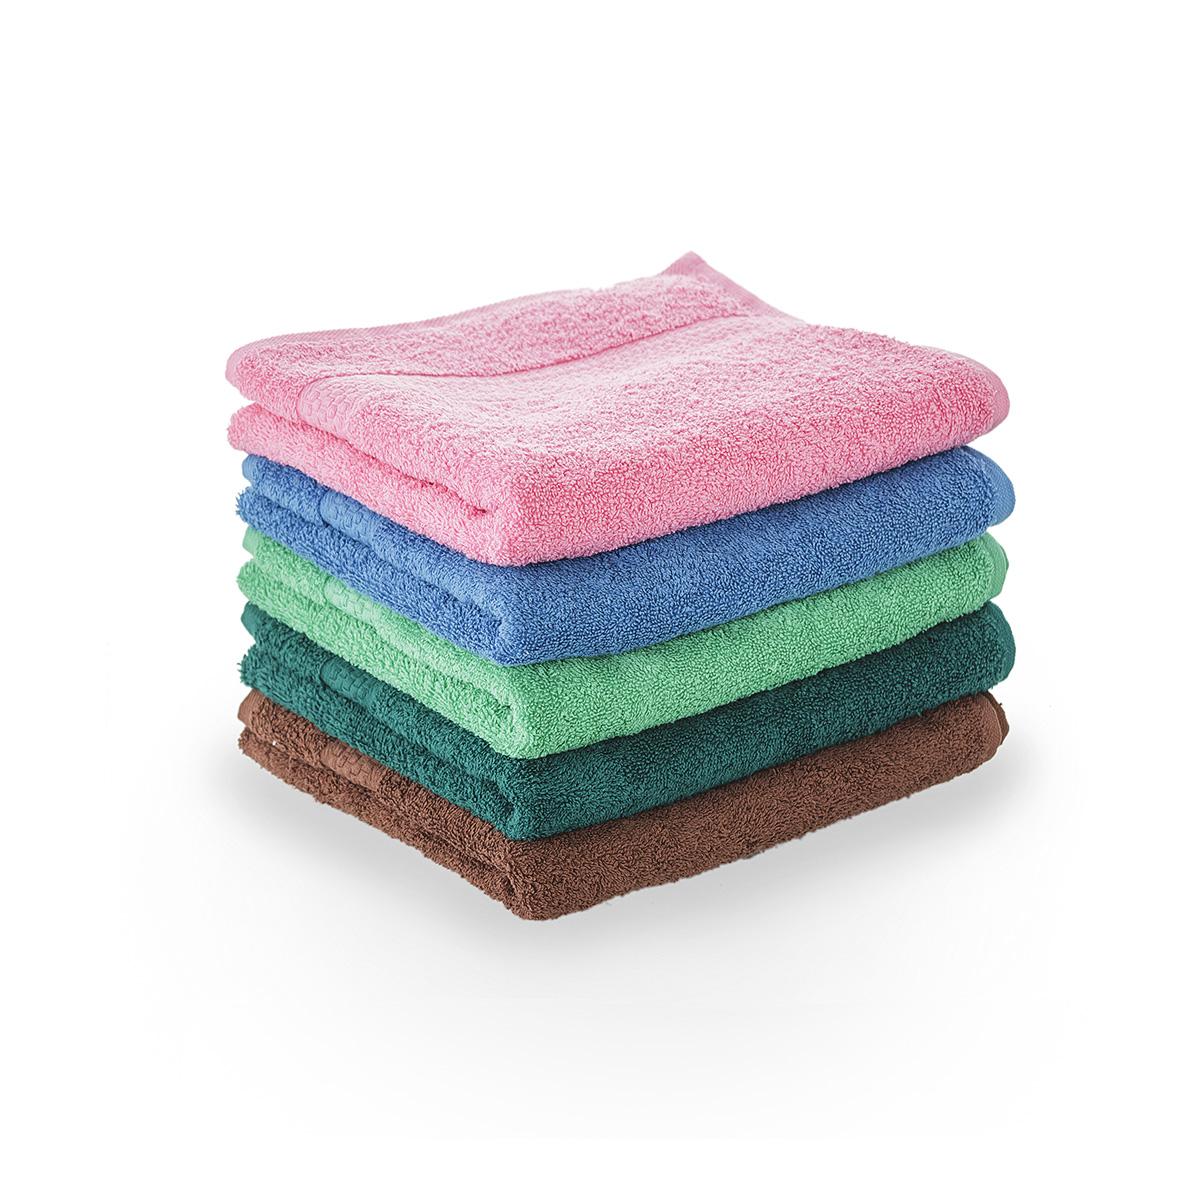 Полотенце Нежное Для лица, цвет ЖелтыйМахровые полотенца<br>Плотность ткани:460 г/кв. м.<br><br>Тип: Полотенце<br>Размер: 50х90<br>Материал: Махра